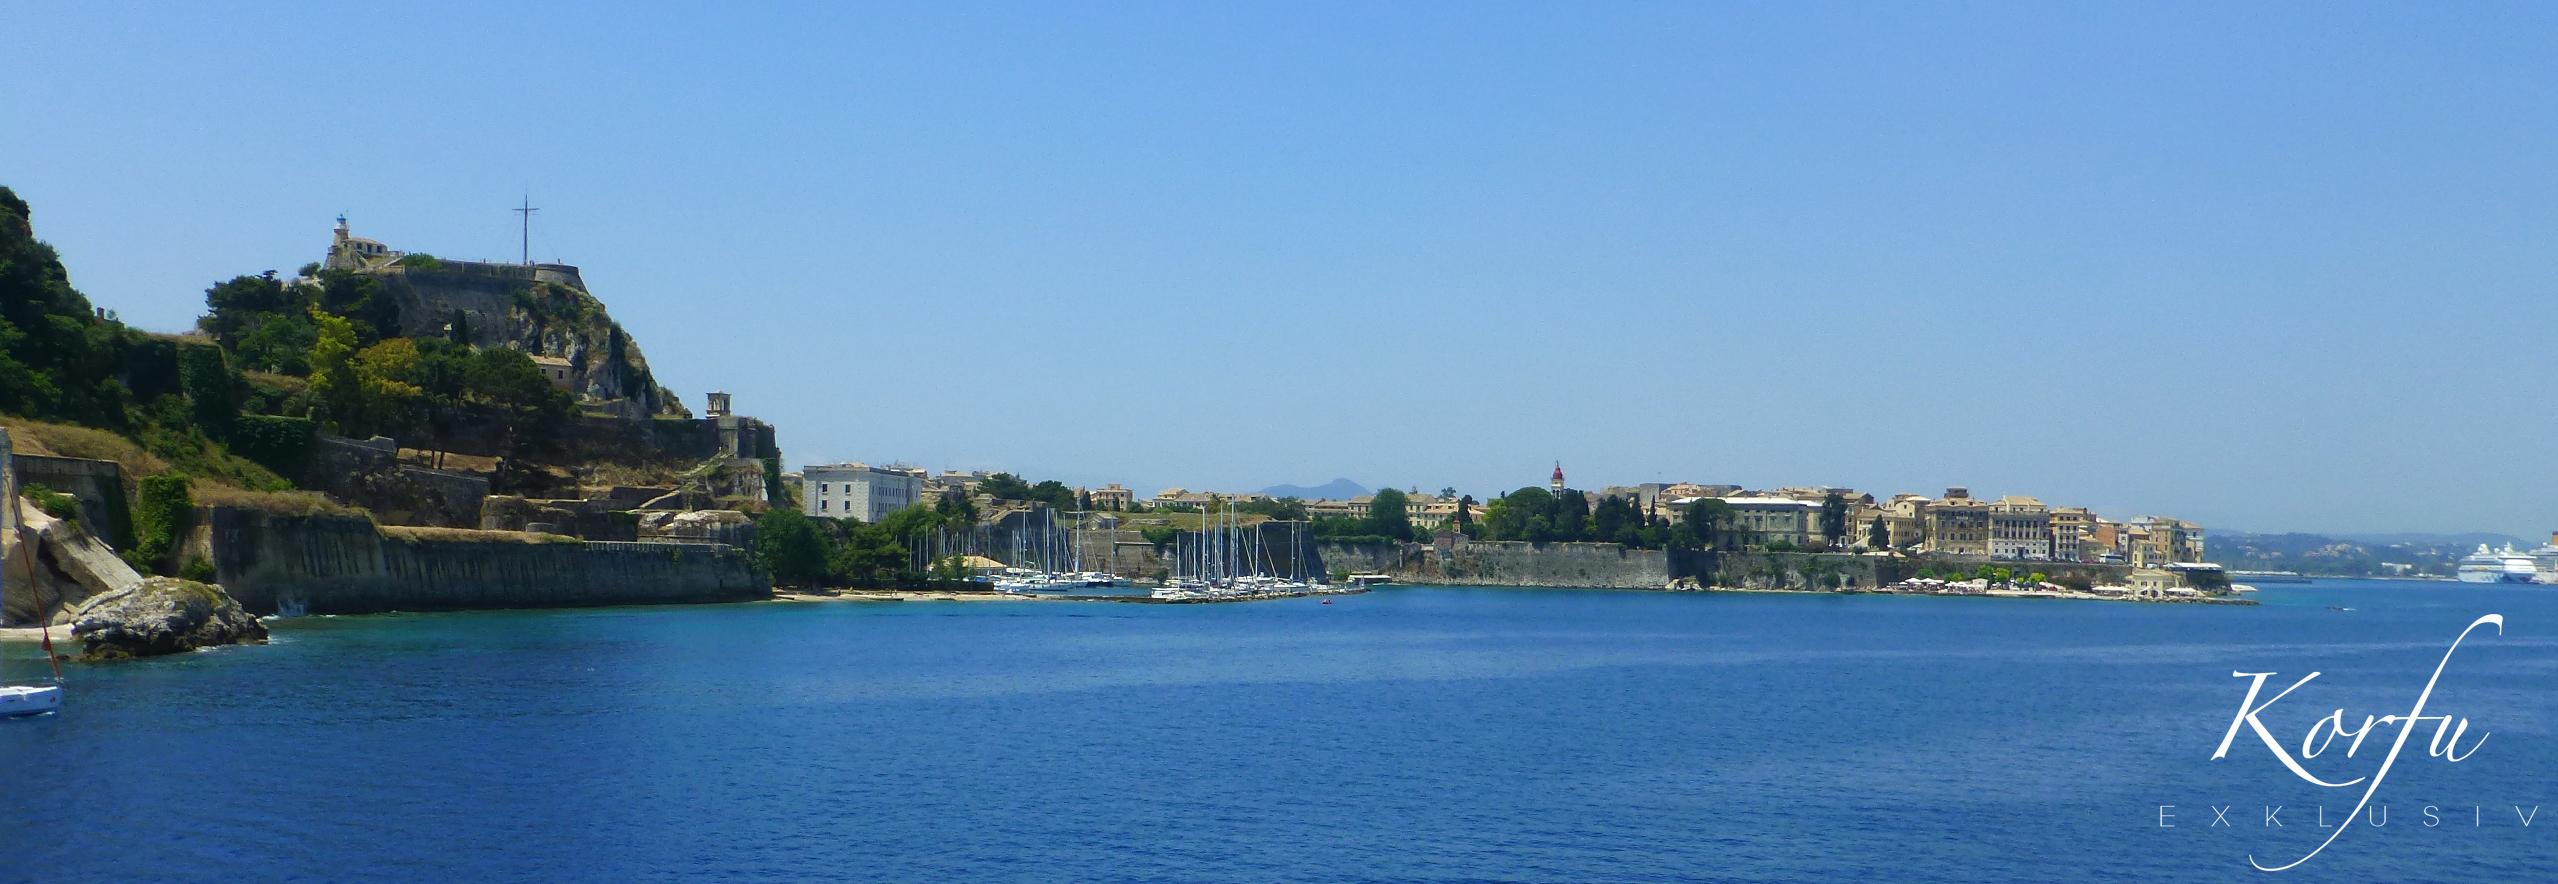 Korfu Einfahrt in den Hafen